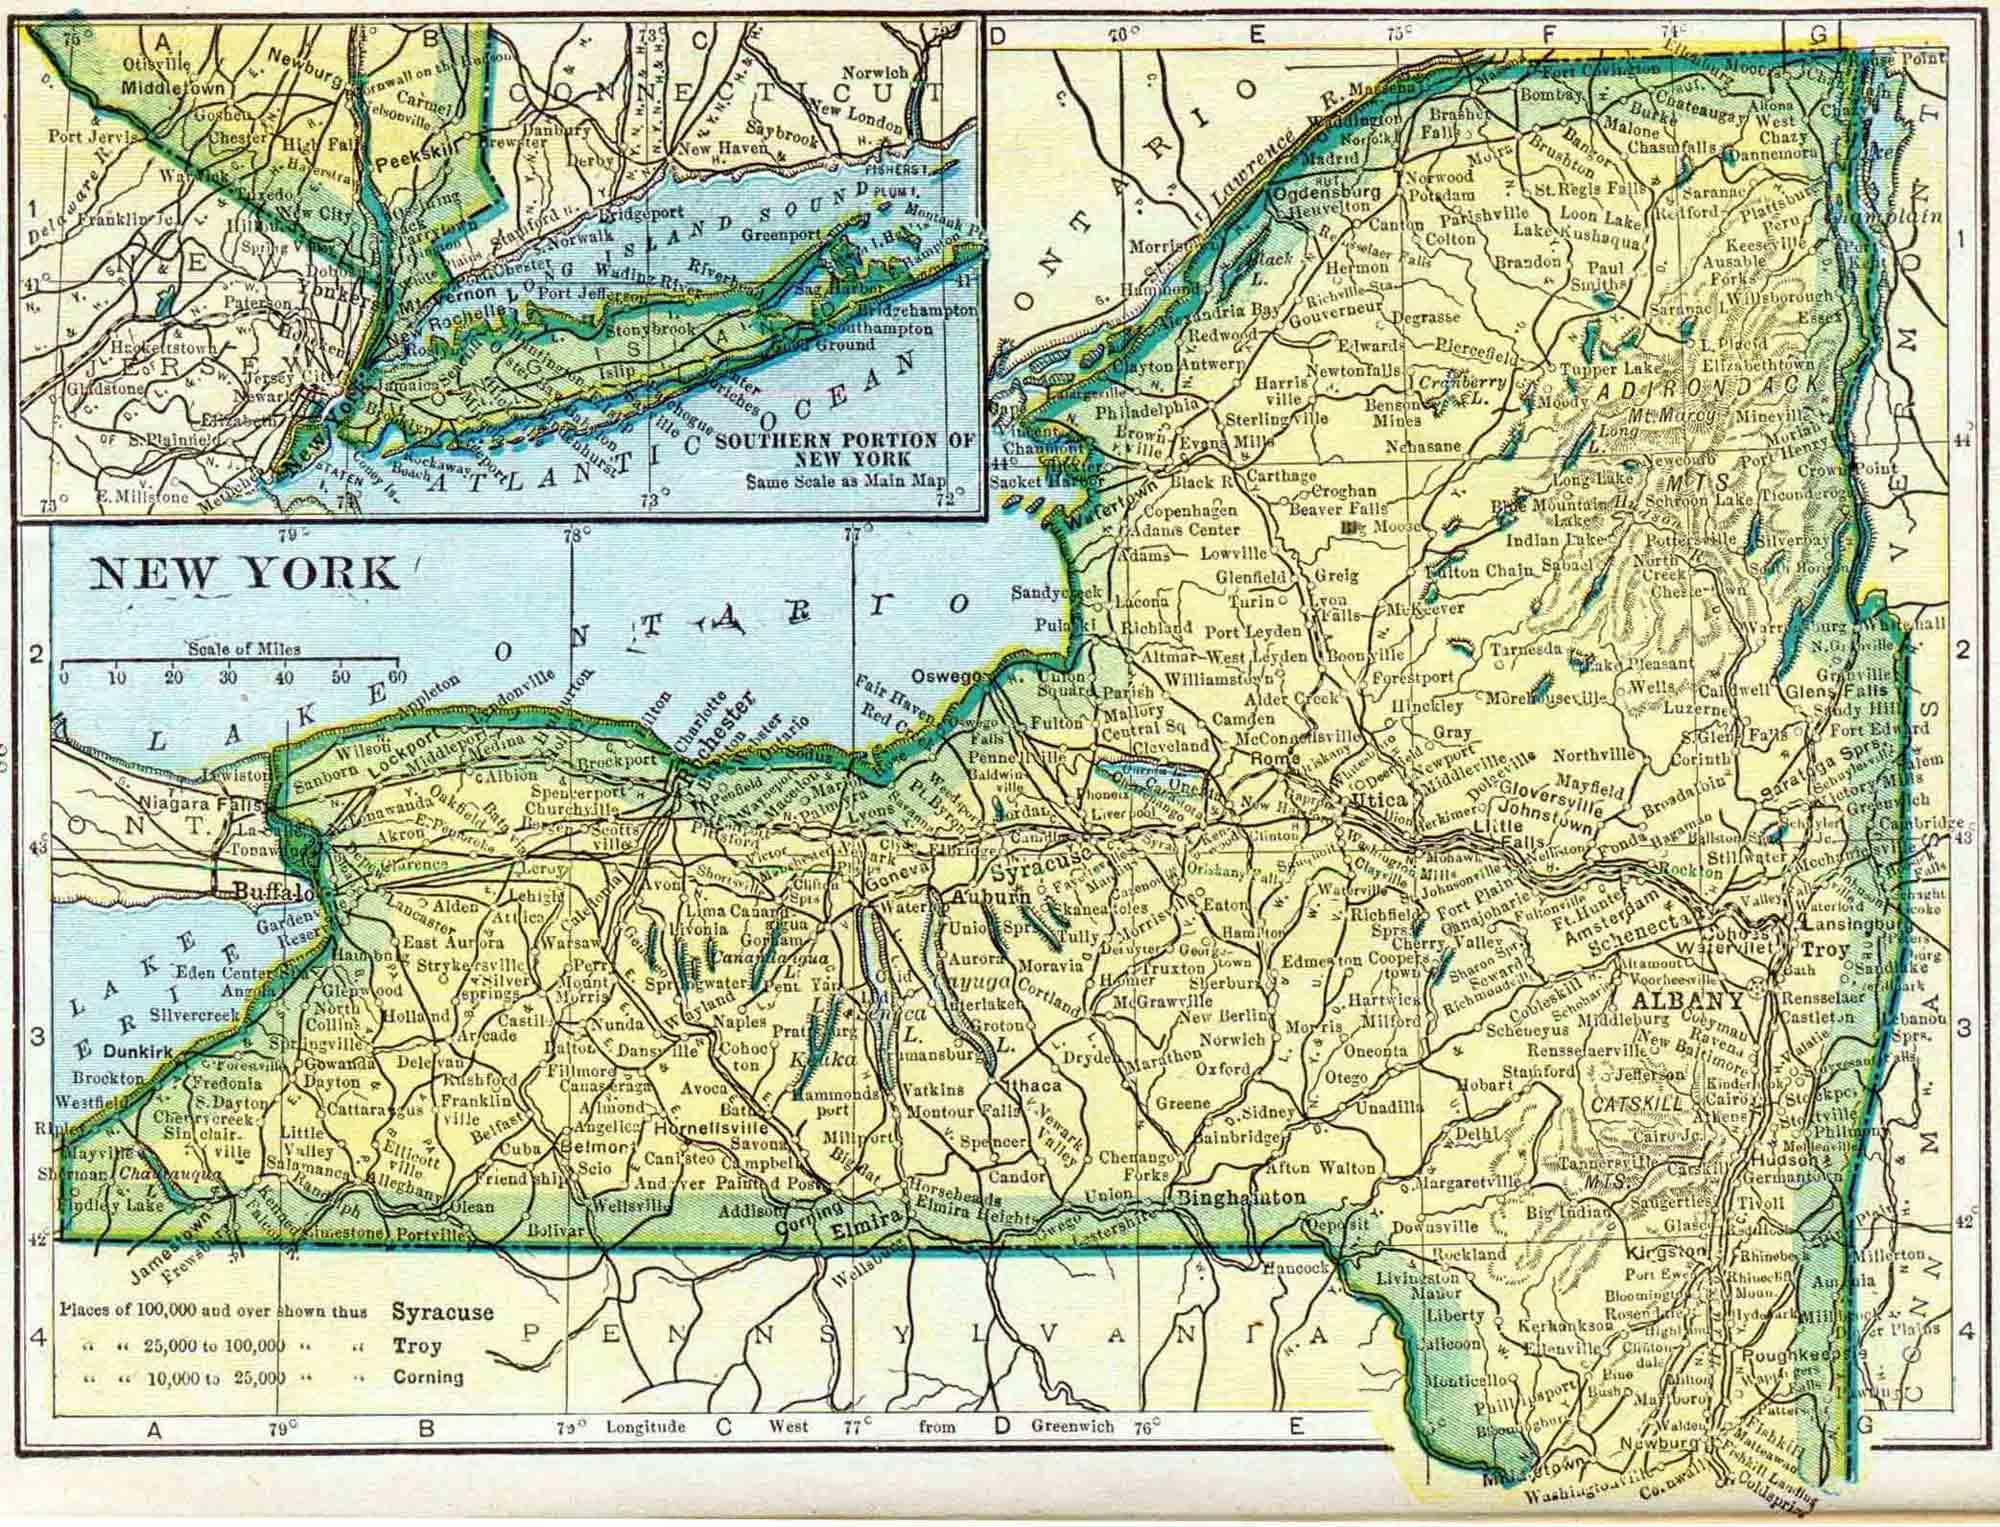 New York Genealogy - Free NY Genealogy - Access Genealogy Delaware County Ny Tax Map on